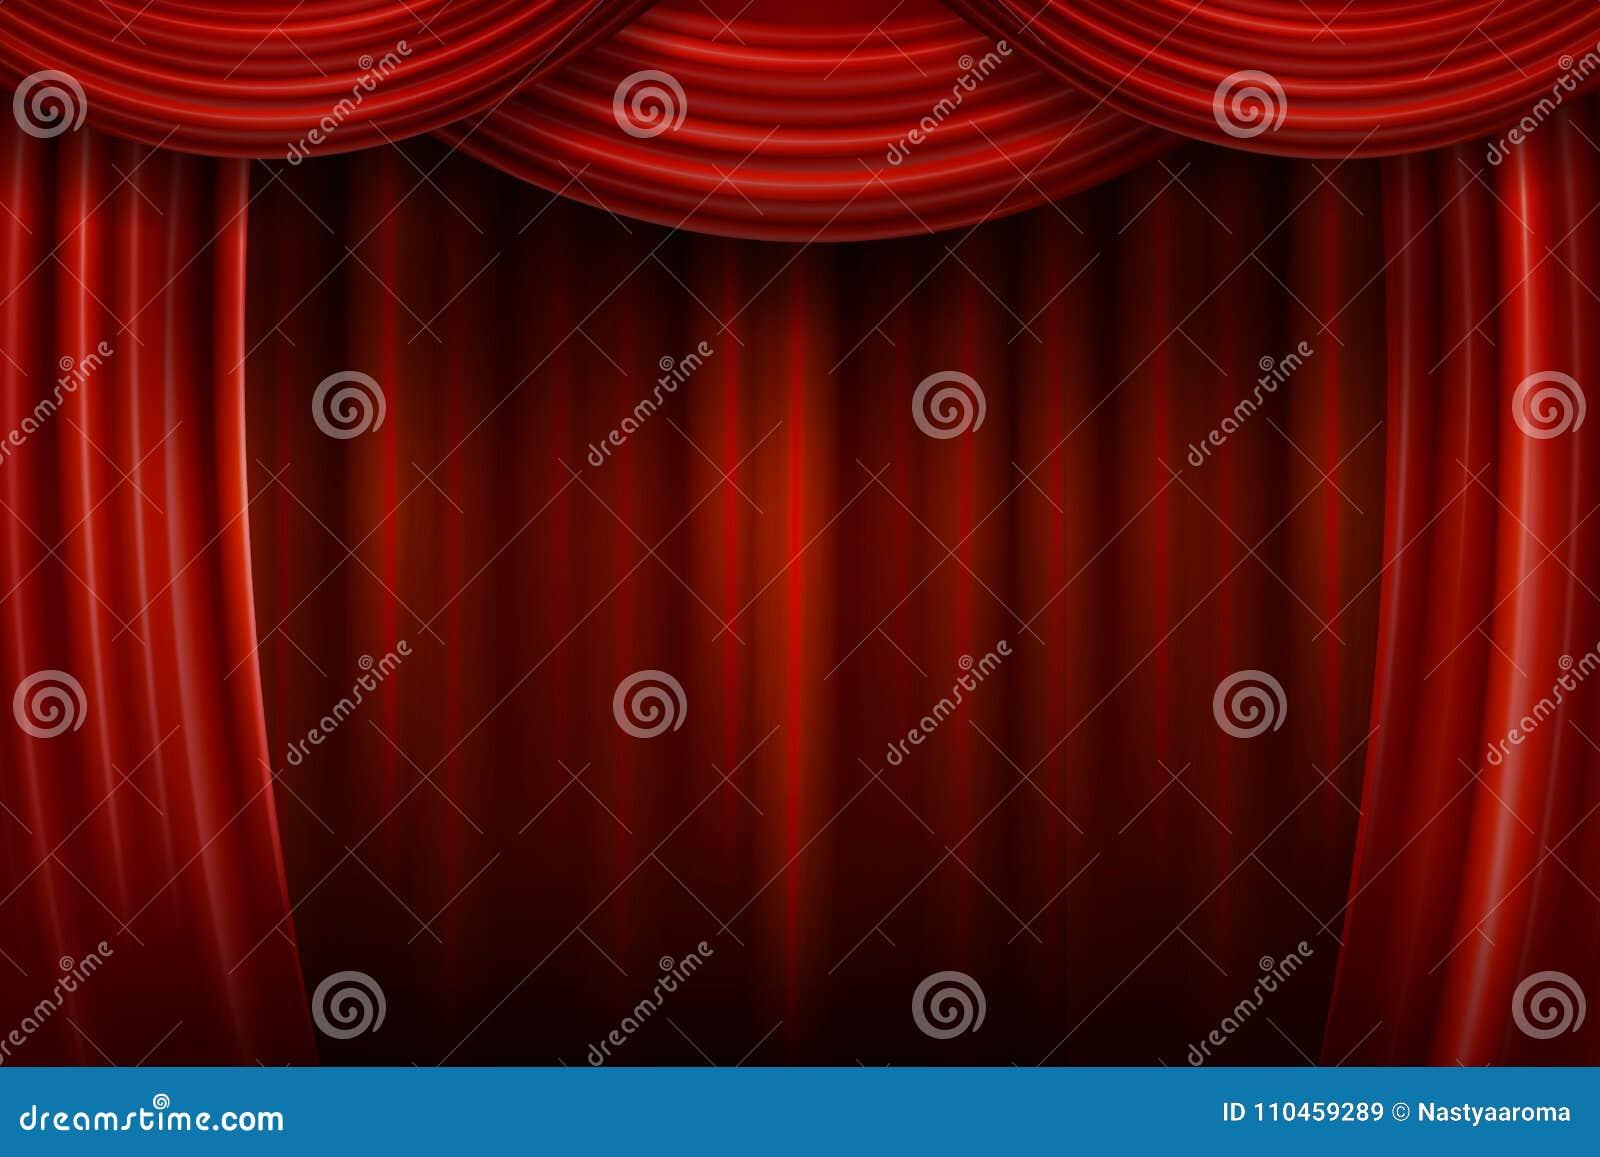 Teater för etapp för show för begreppsgardinpresentation röd